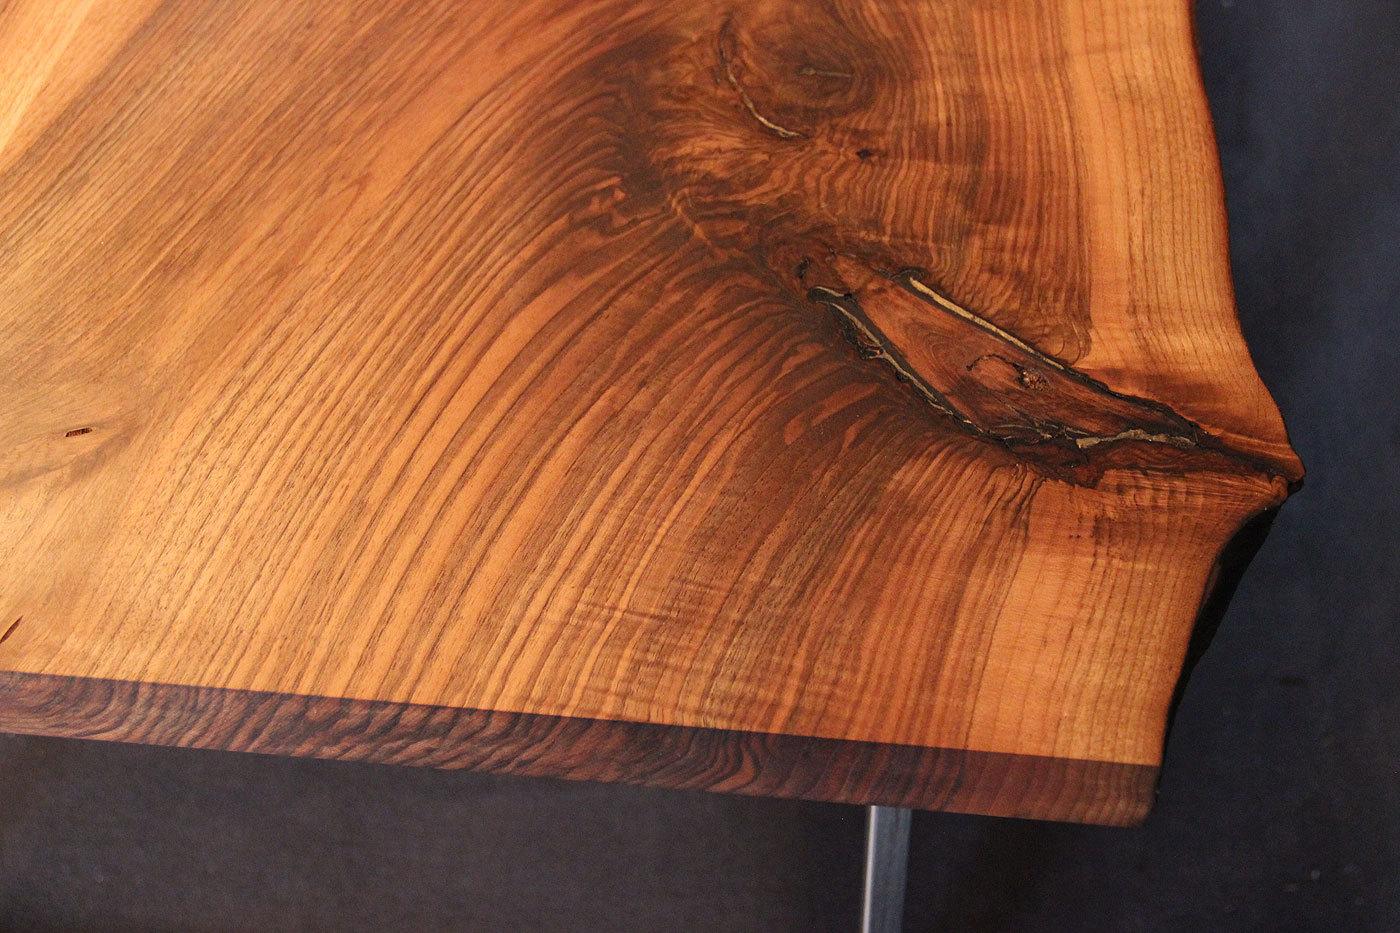 tischplatte mit baumkante massivholz kaukasischer nussbaum rustikal mit splint dl 40 2000 1000. Black Bedroom Furniture Sets. Home Design Ideas